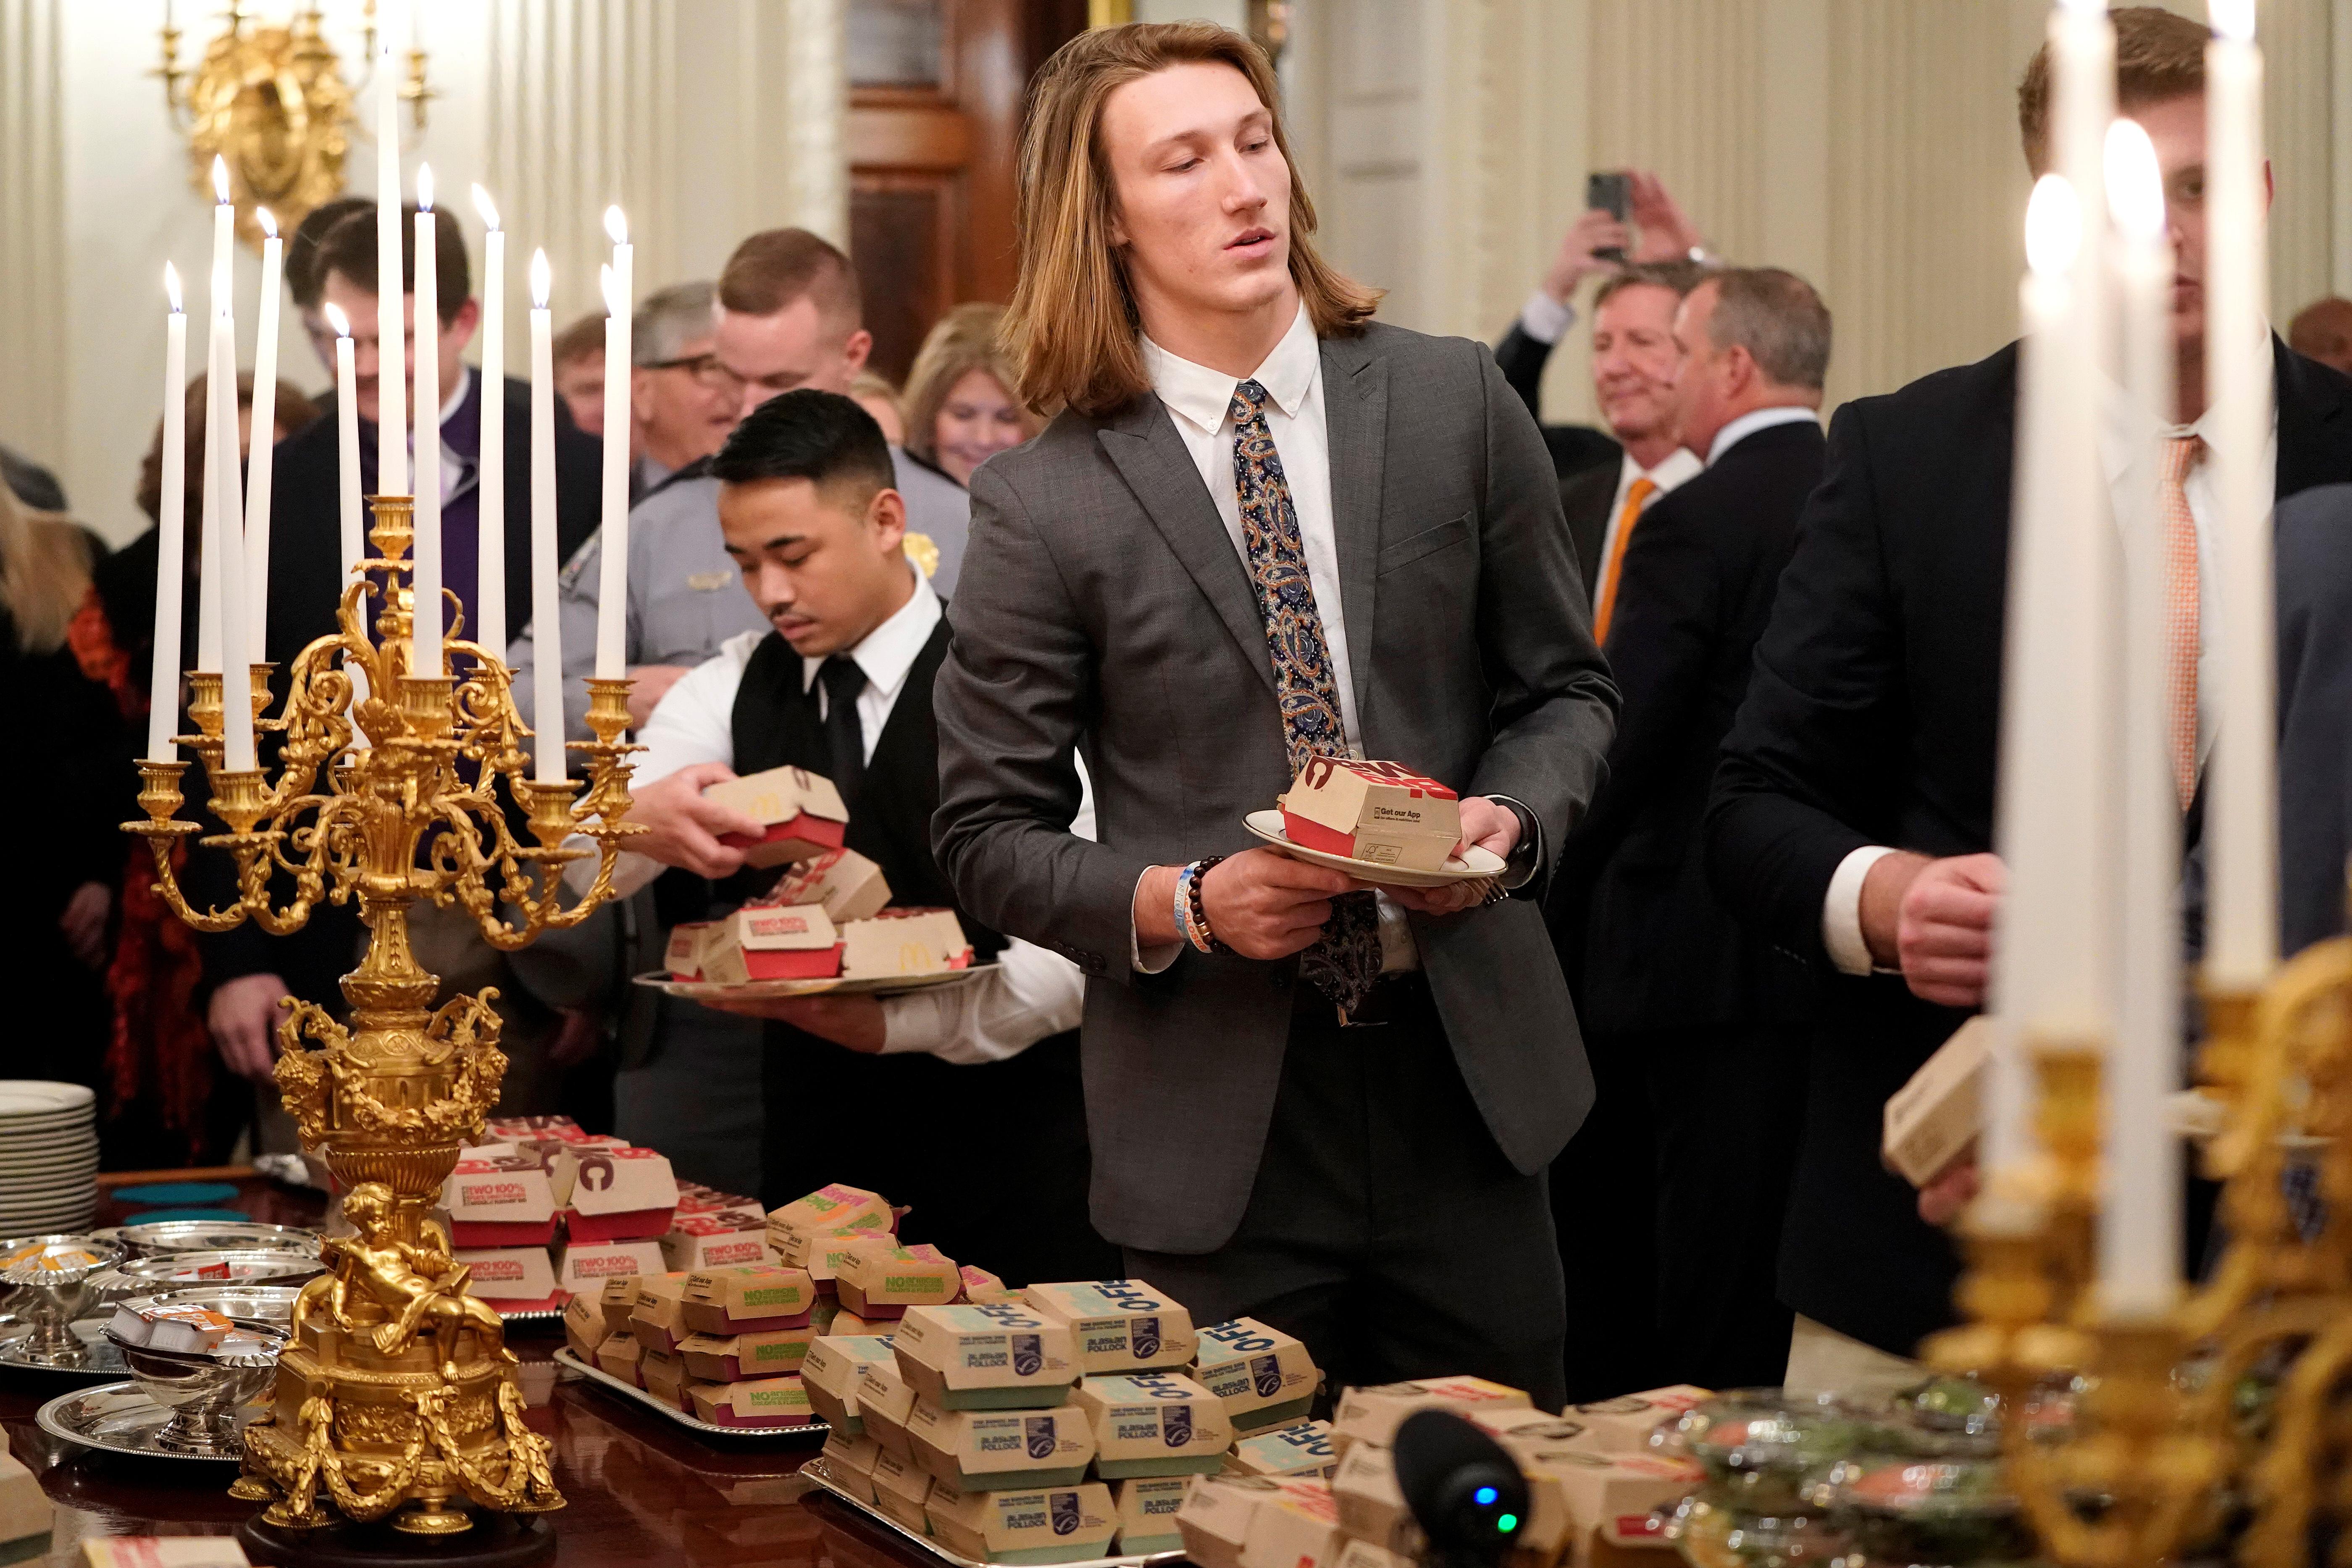 لاعبو فريق جامعة كليمسن في البيت الأبيض